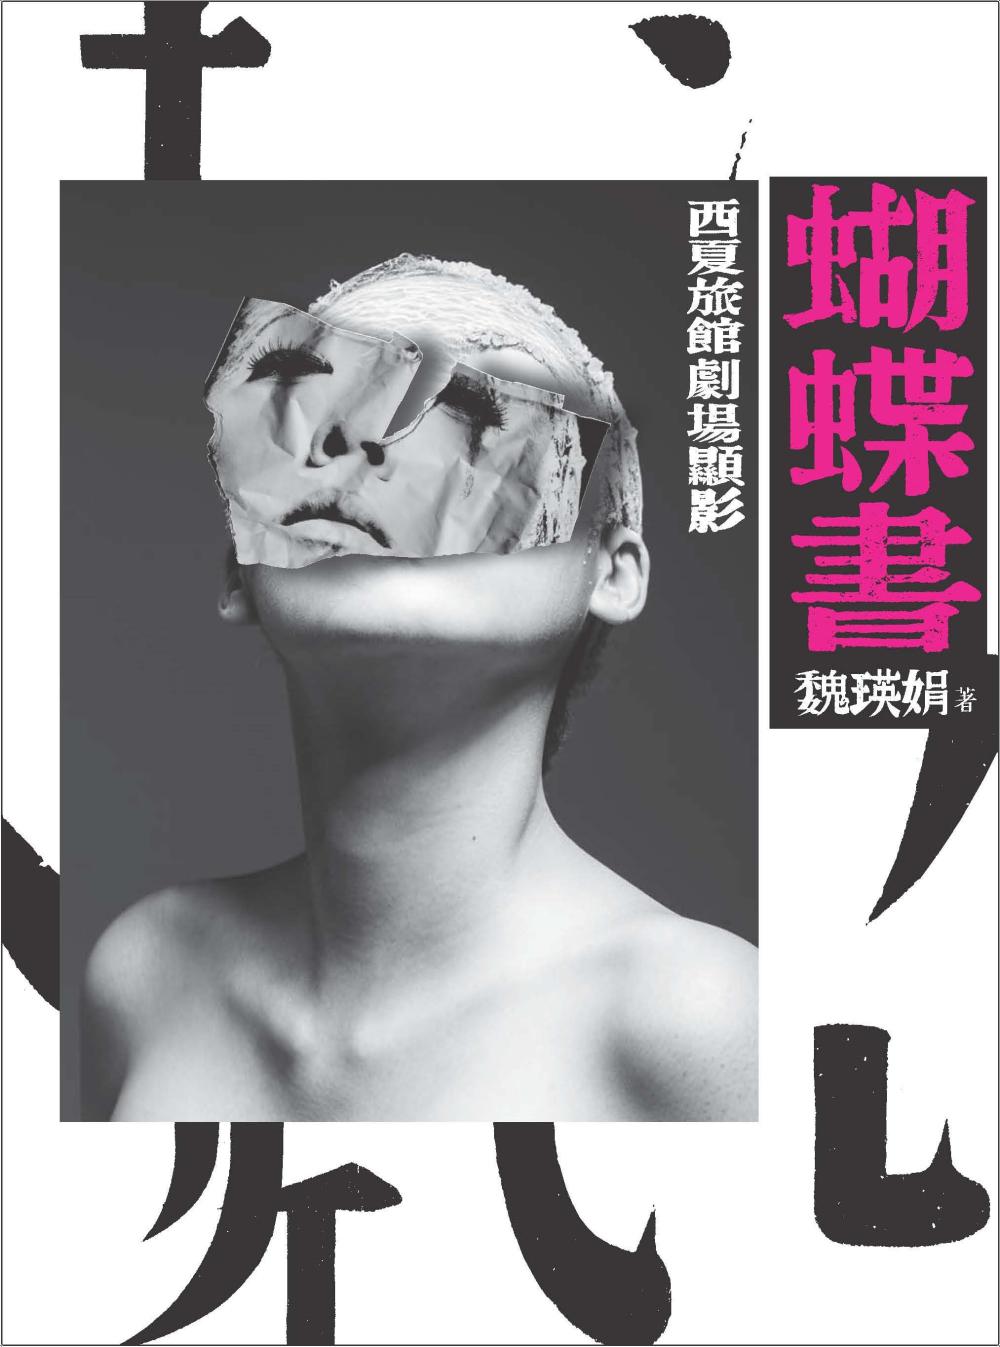 蝴蝶書:西夏旅館 劇場顯影